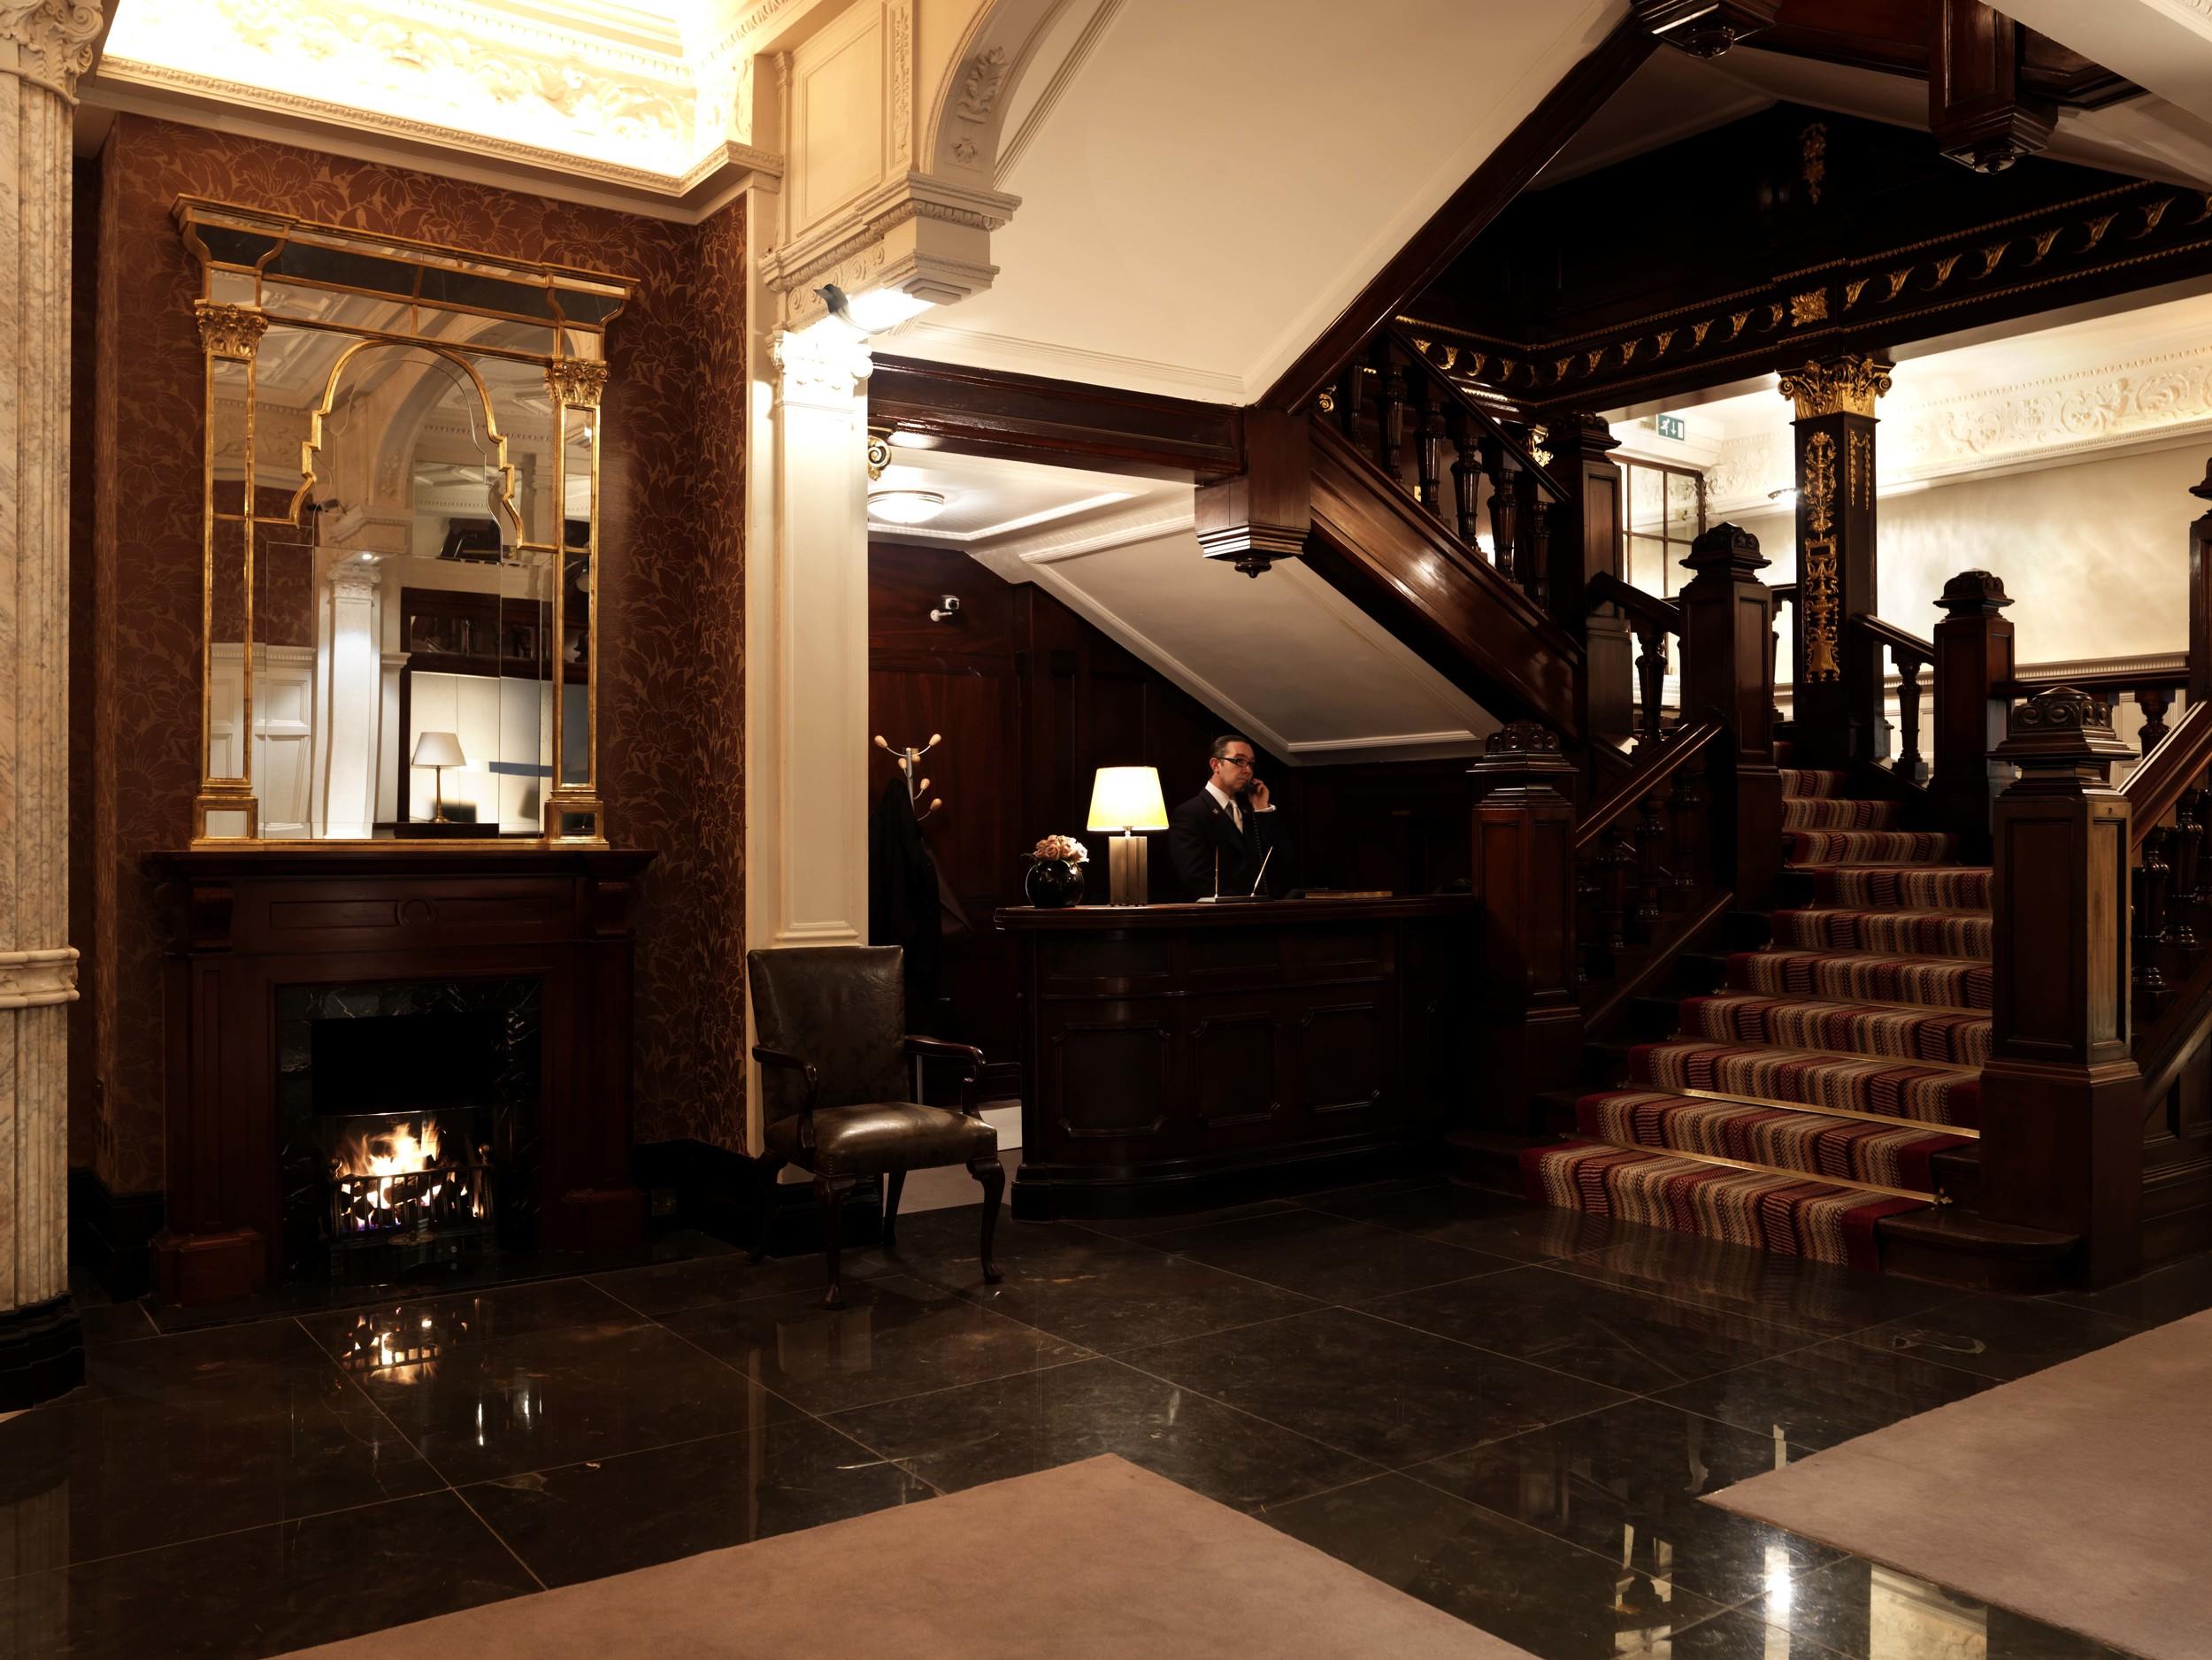 UK-England-London-The Connaught-Lobby.jpg